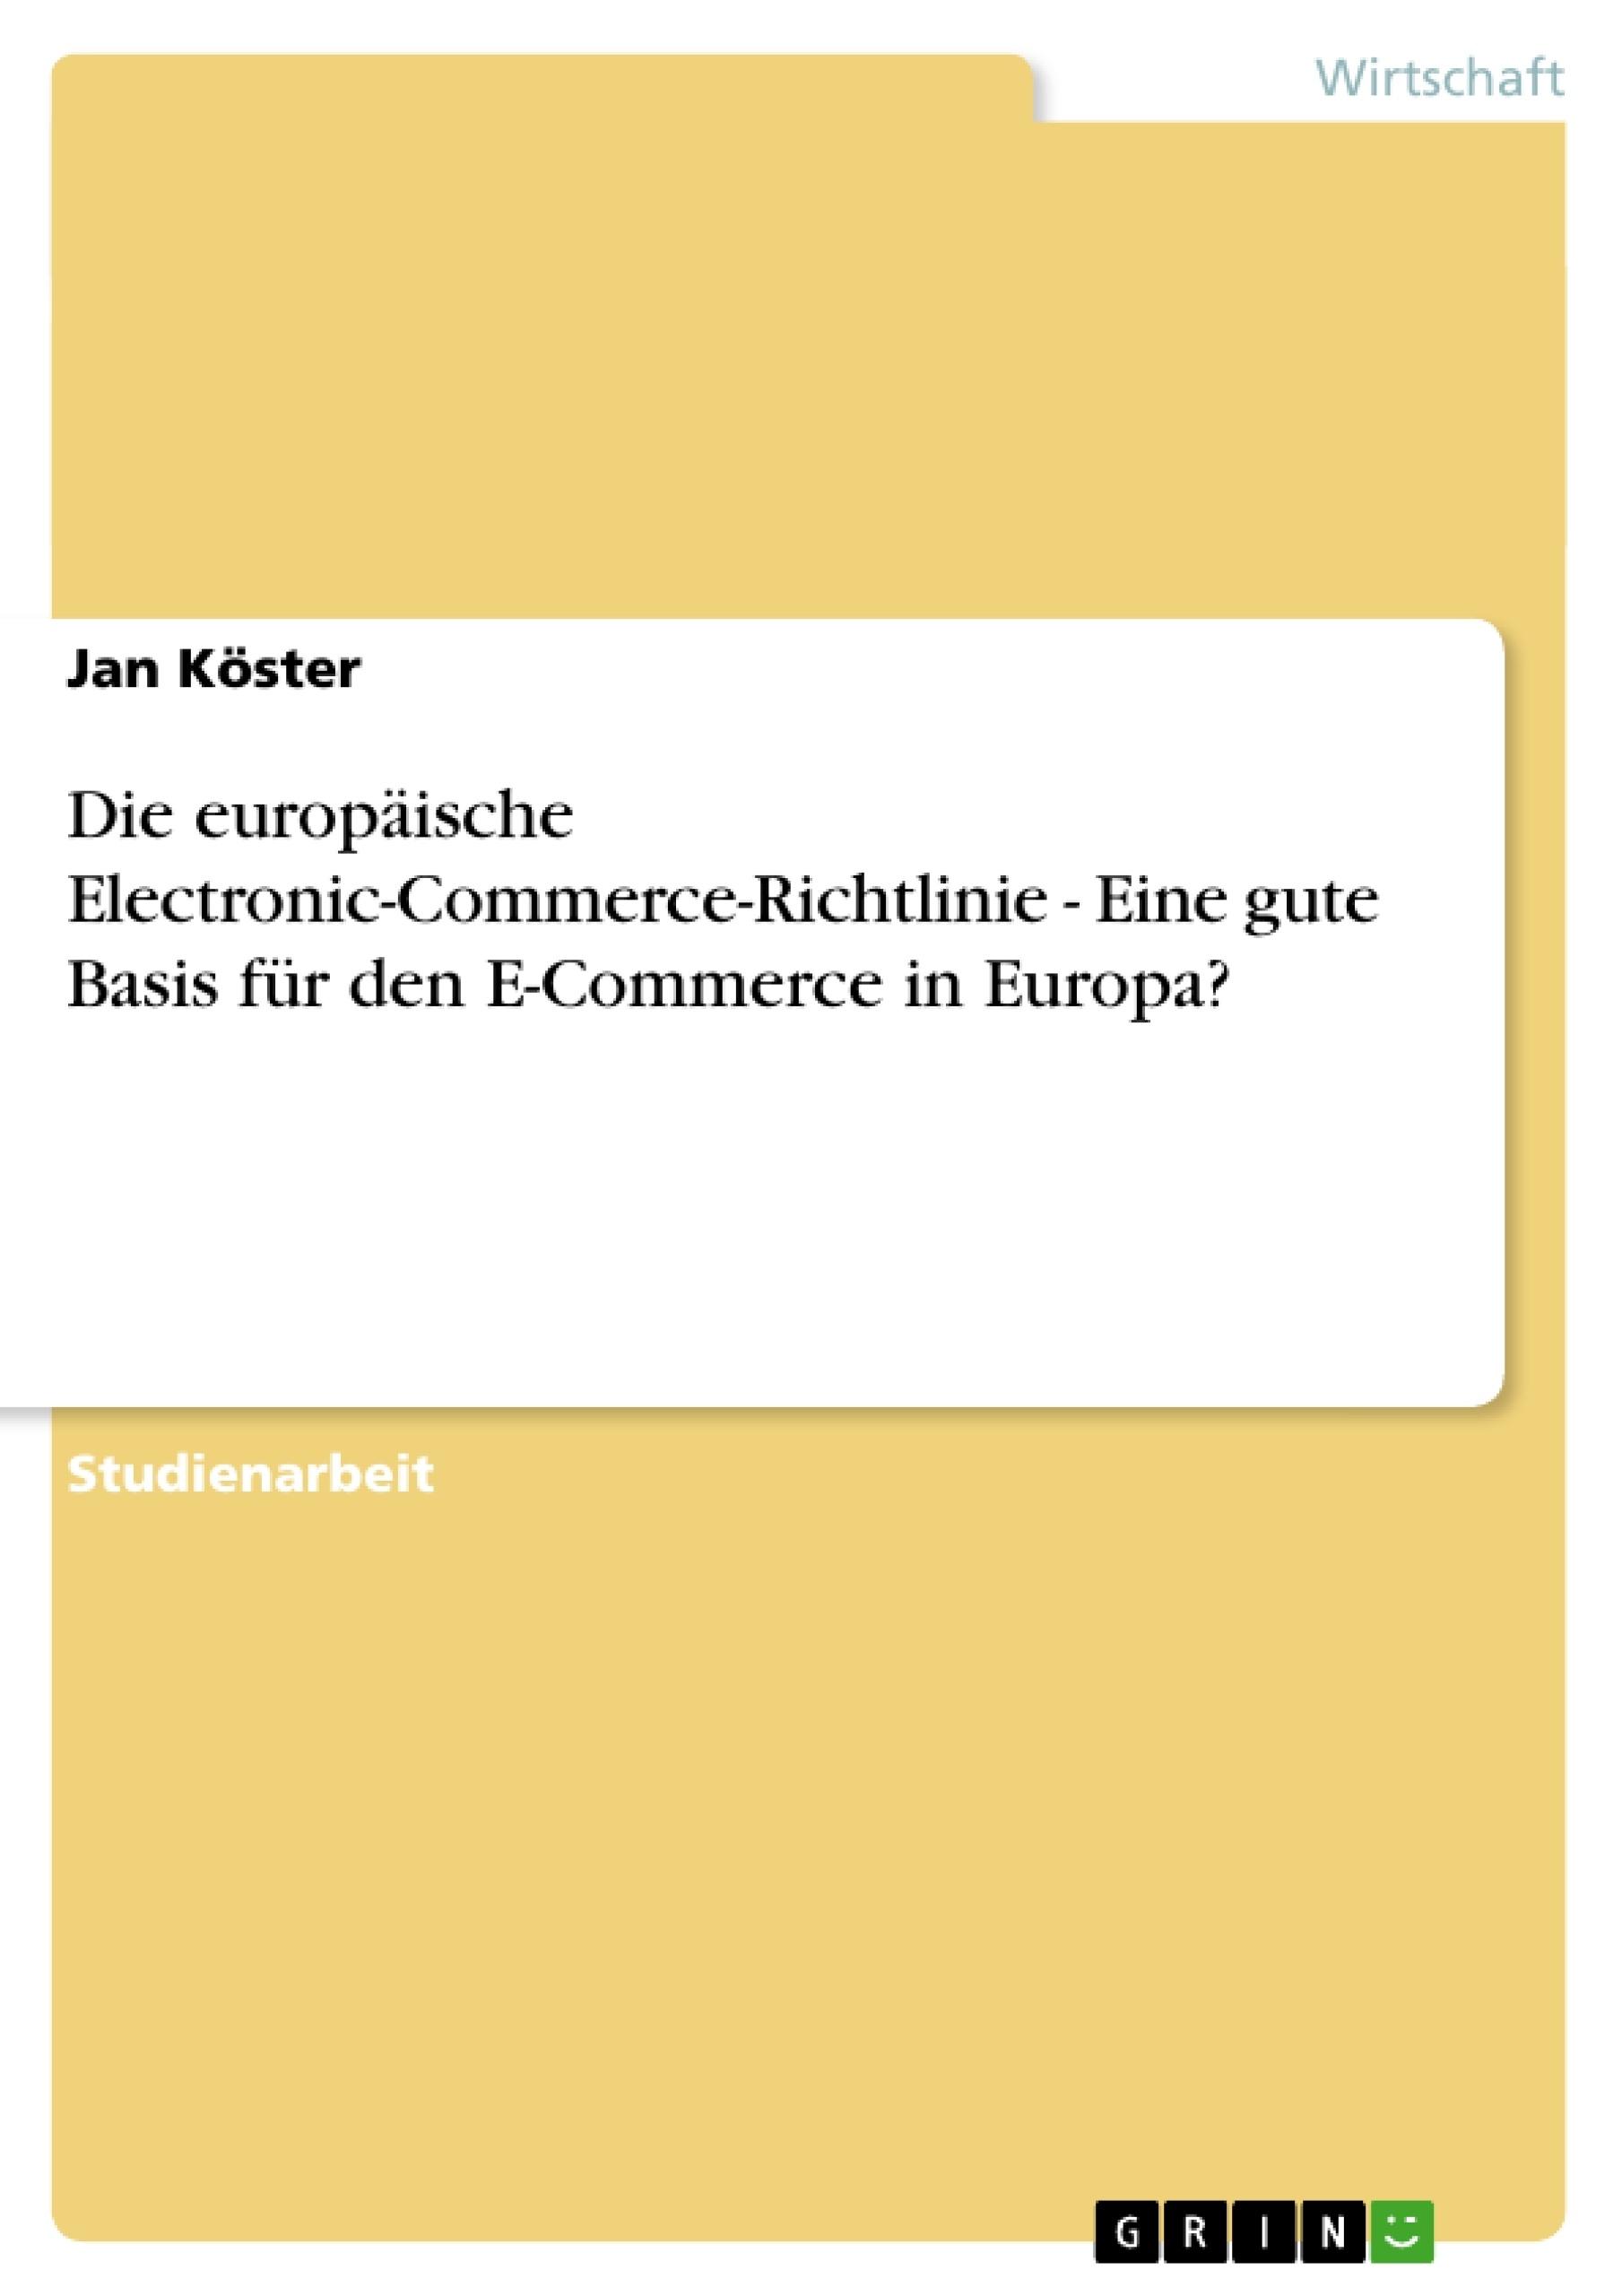 Titel: Die europäische Electronic-Commerce-Richtlinie - Eine gute Basis für den E-Commerce in Europa?